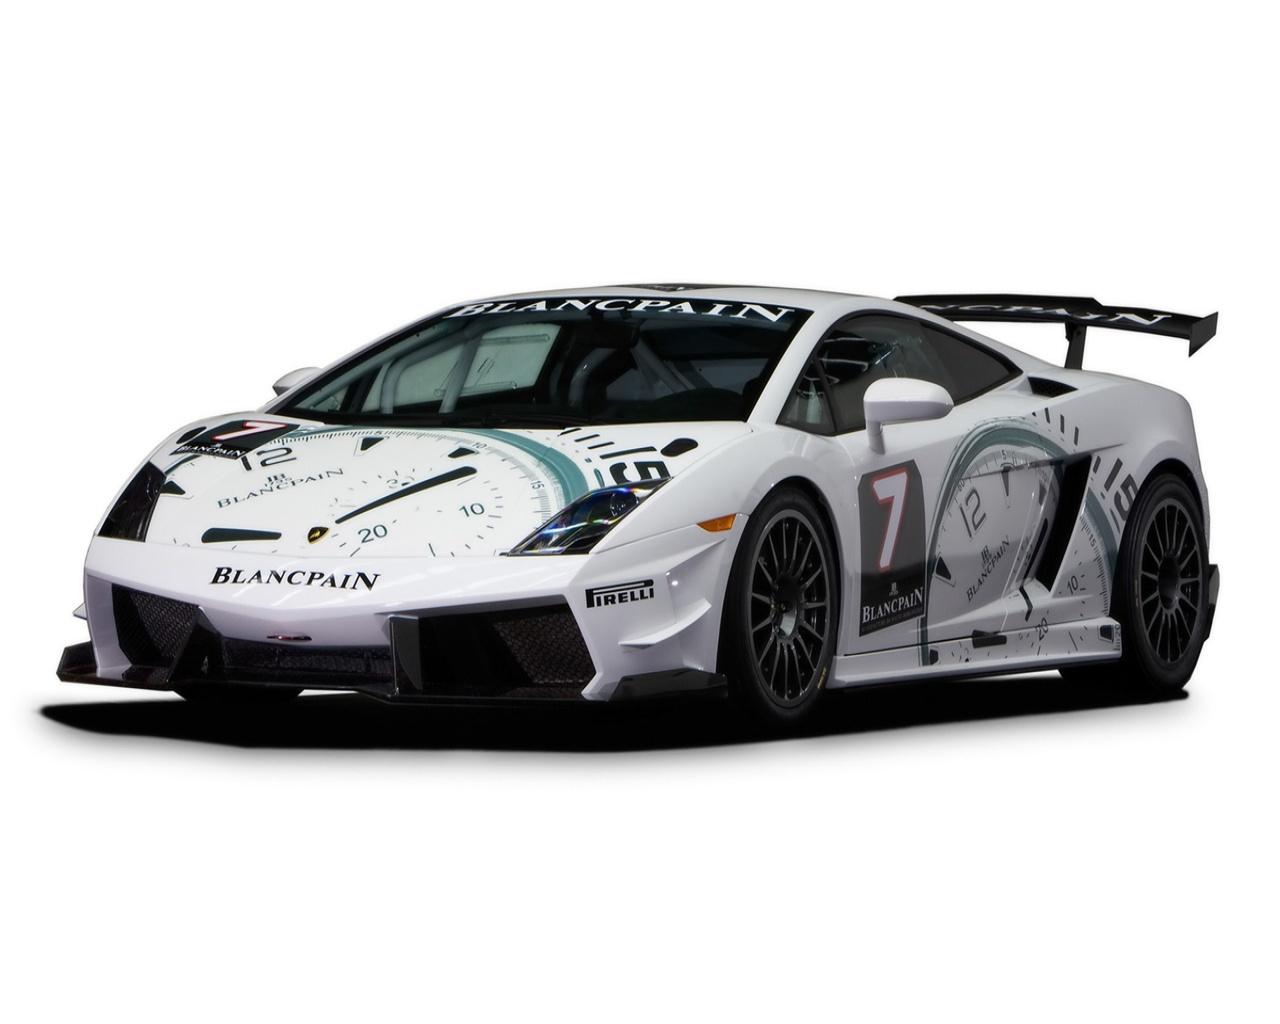 Freaking Spot Lamborghini Full HD 1080p Wallpapers 1280x1024